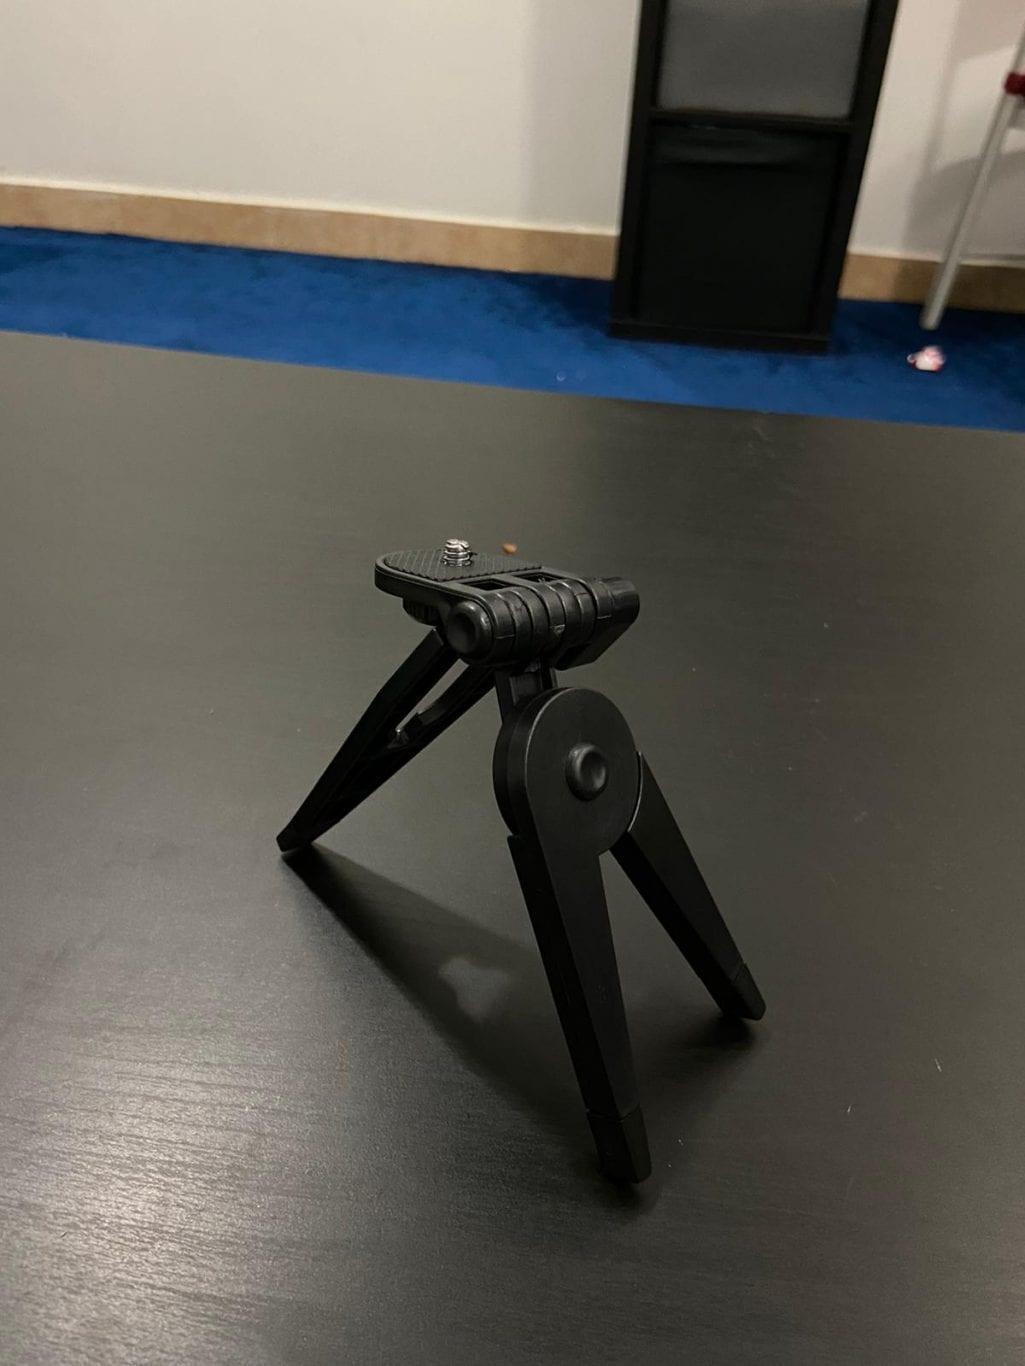 Go pro (mini tripod stand)